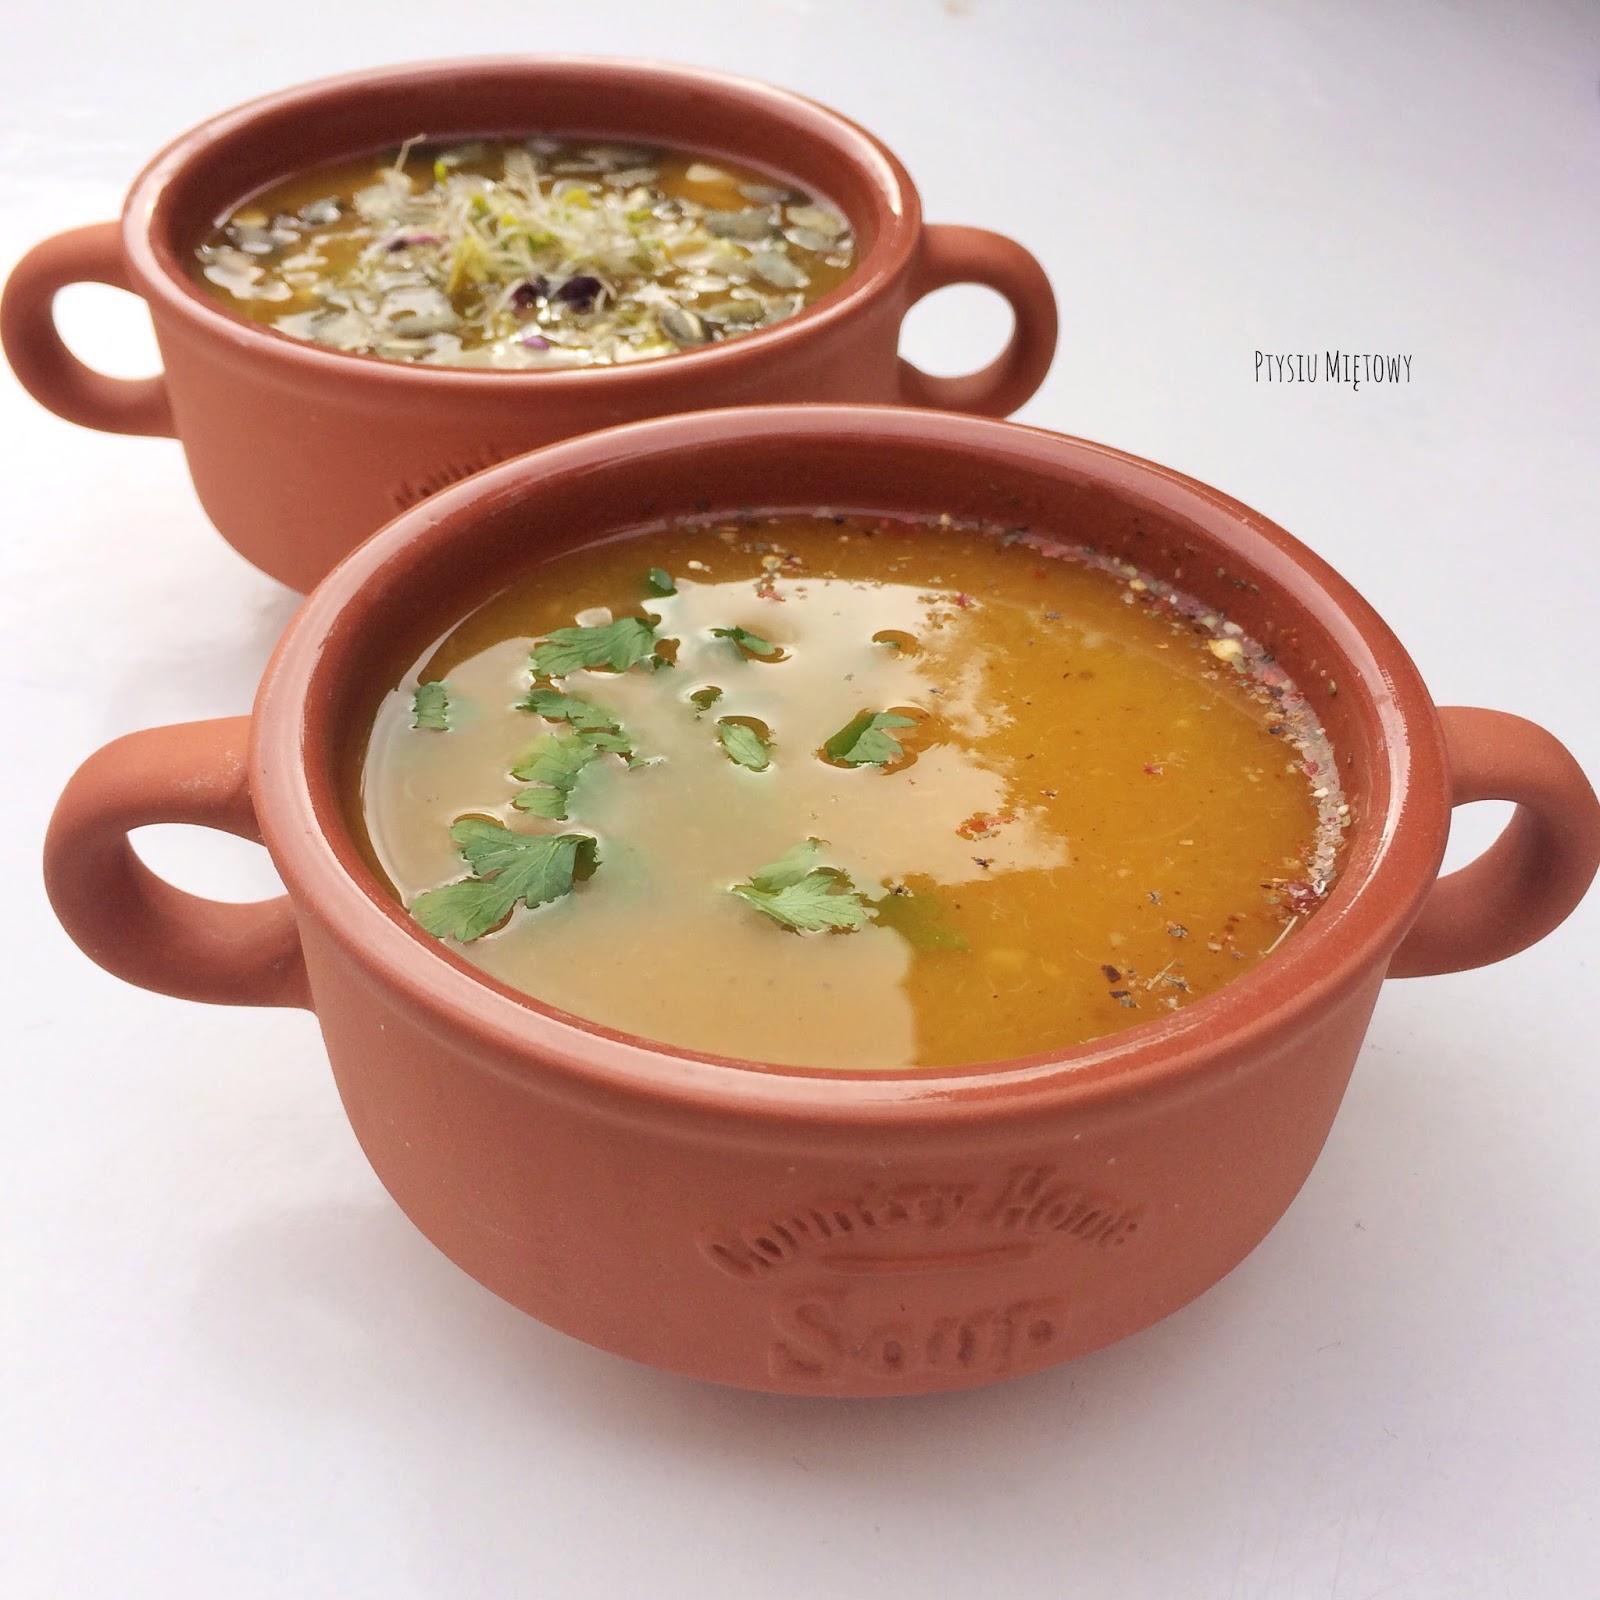 zupa dyniowa, ptysiu mietowy